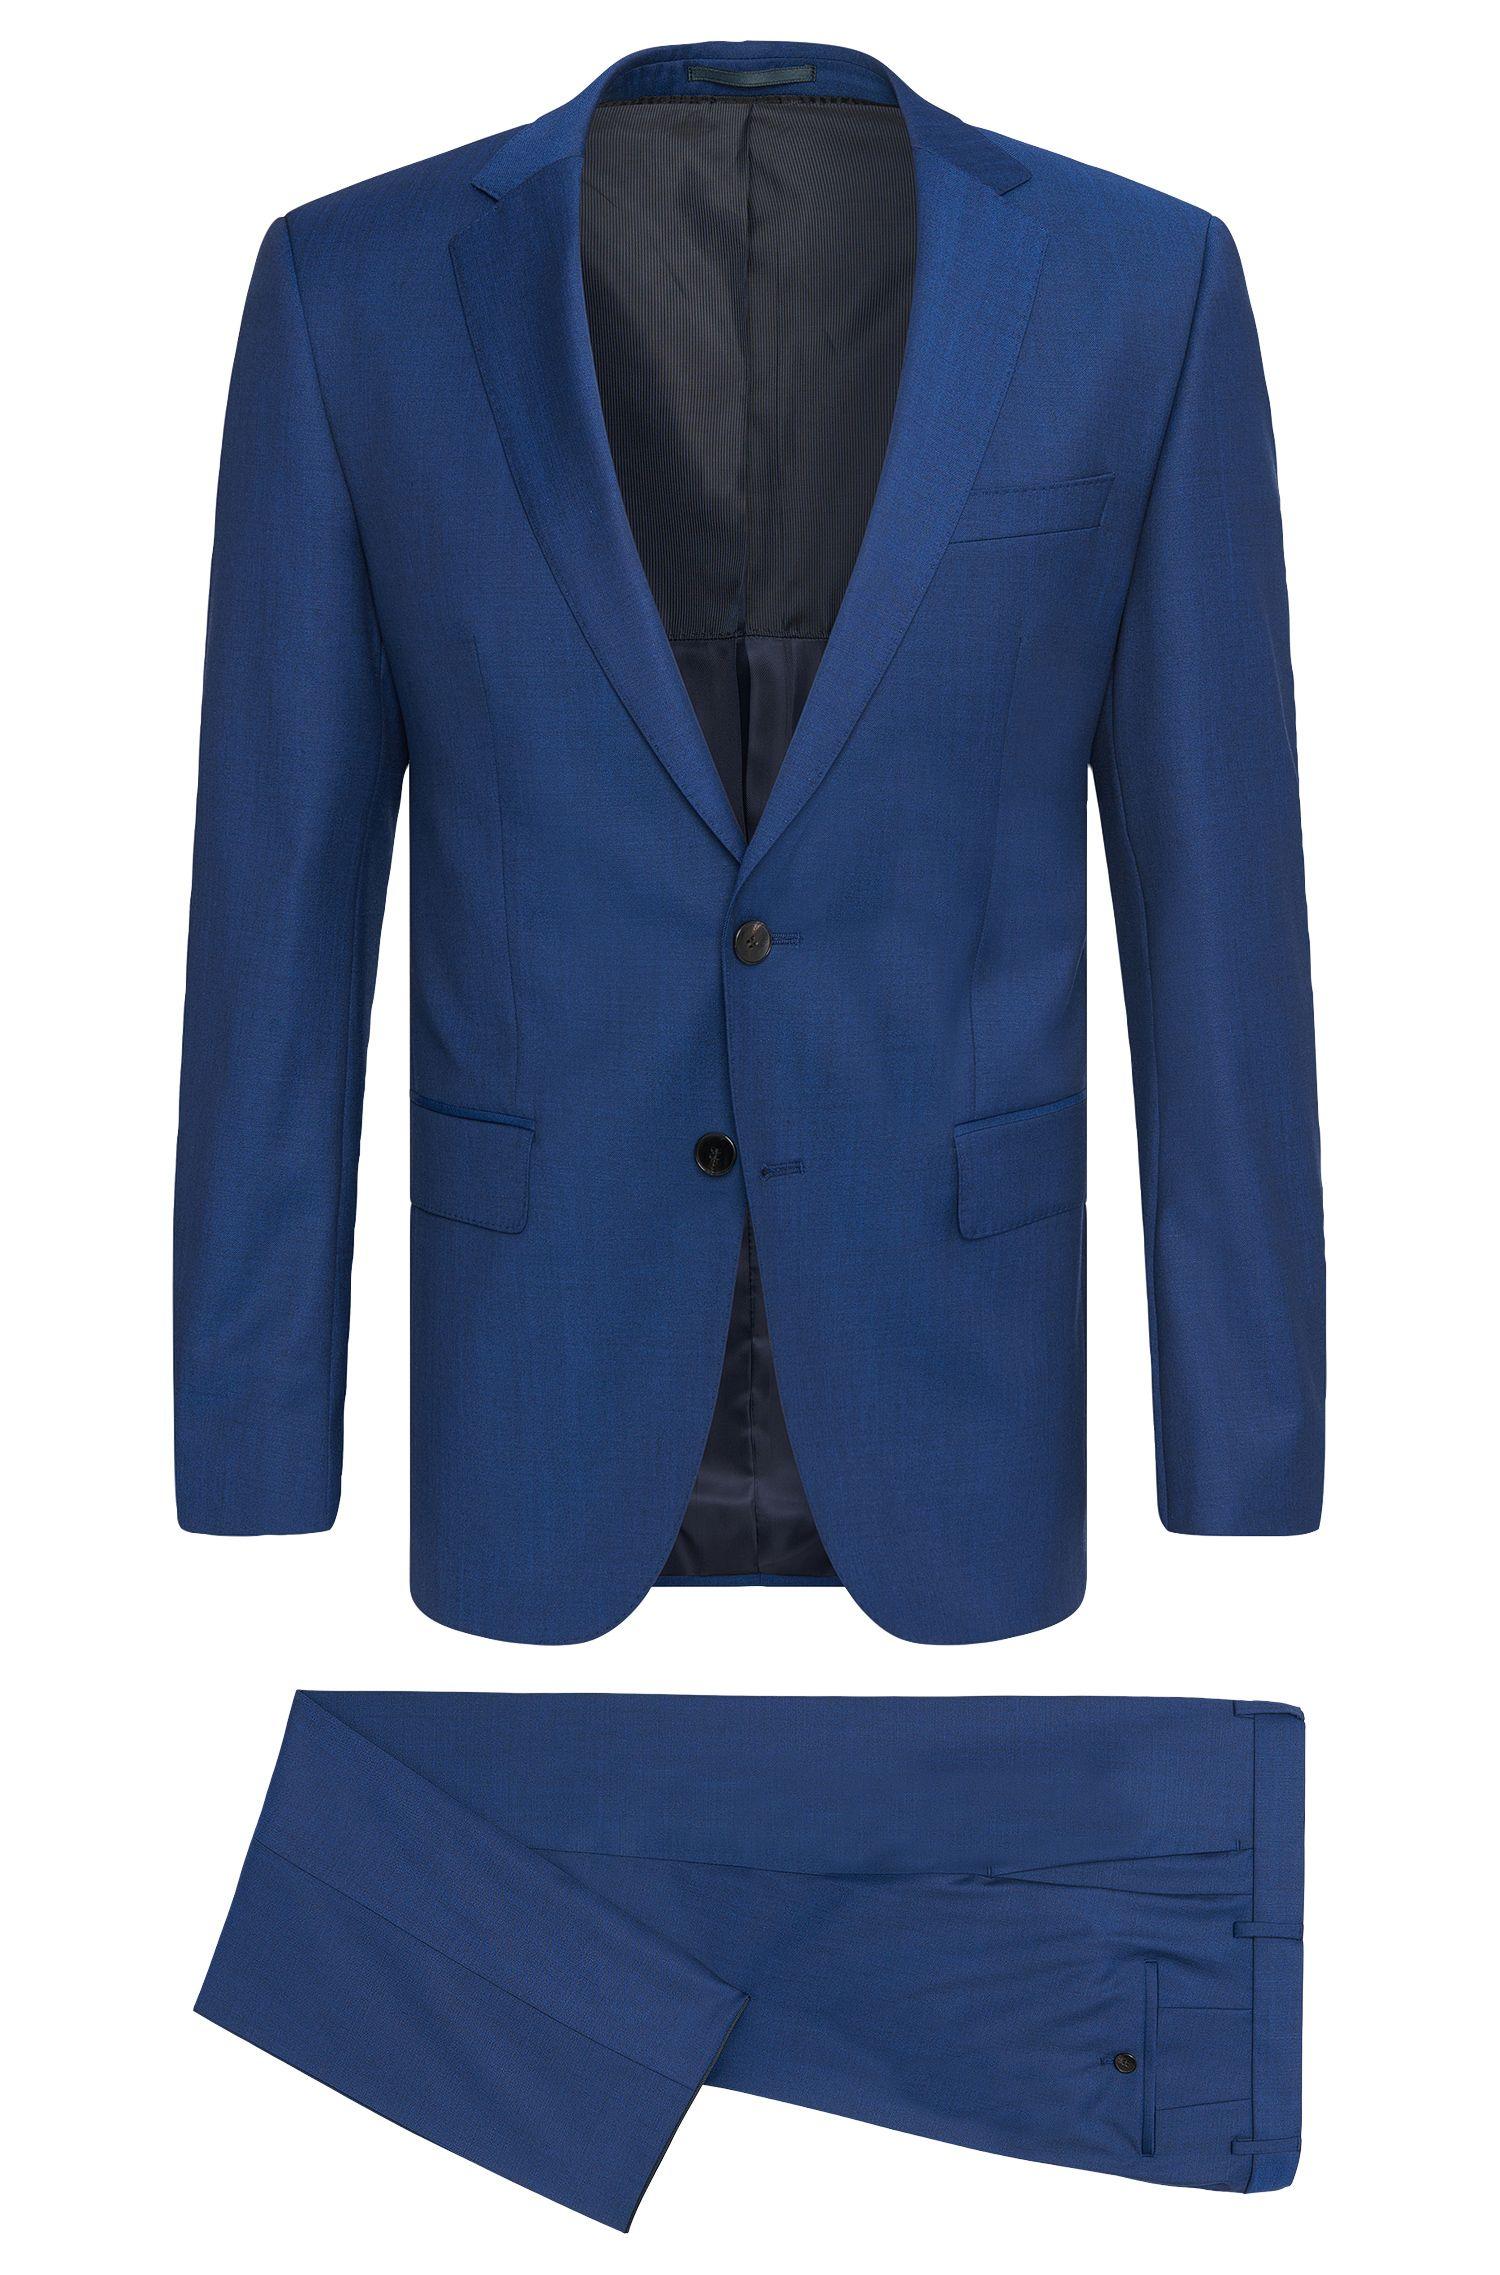 'Huge/Genius' | Slim Fit, Super 120 Italian Virgin Wool Suit